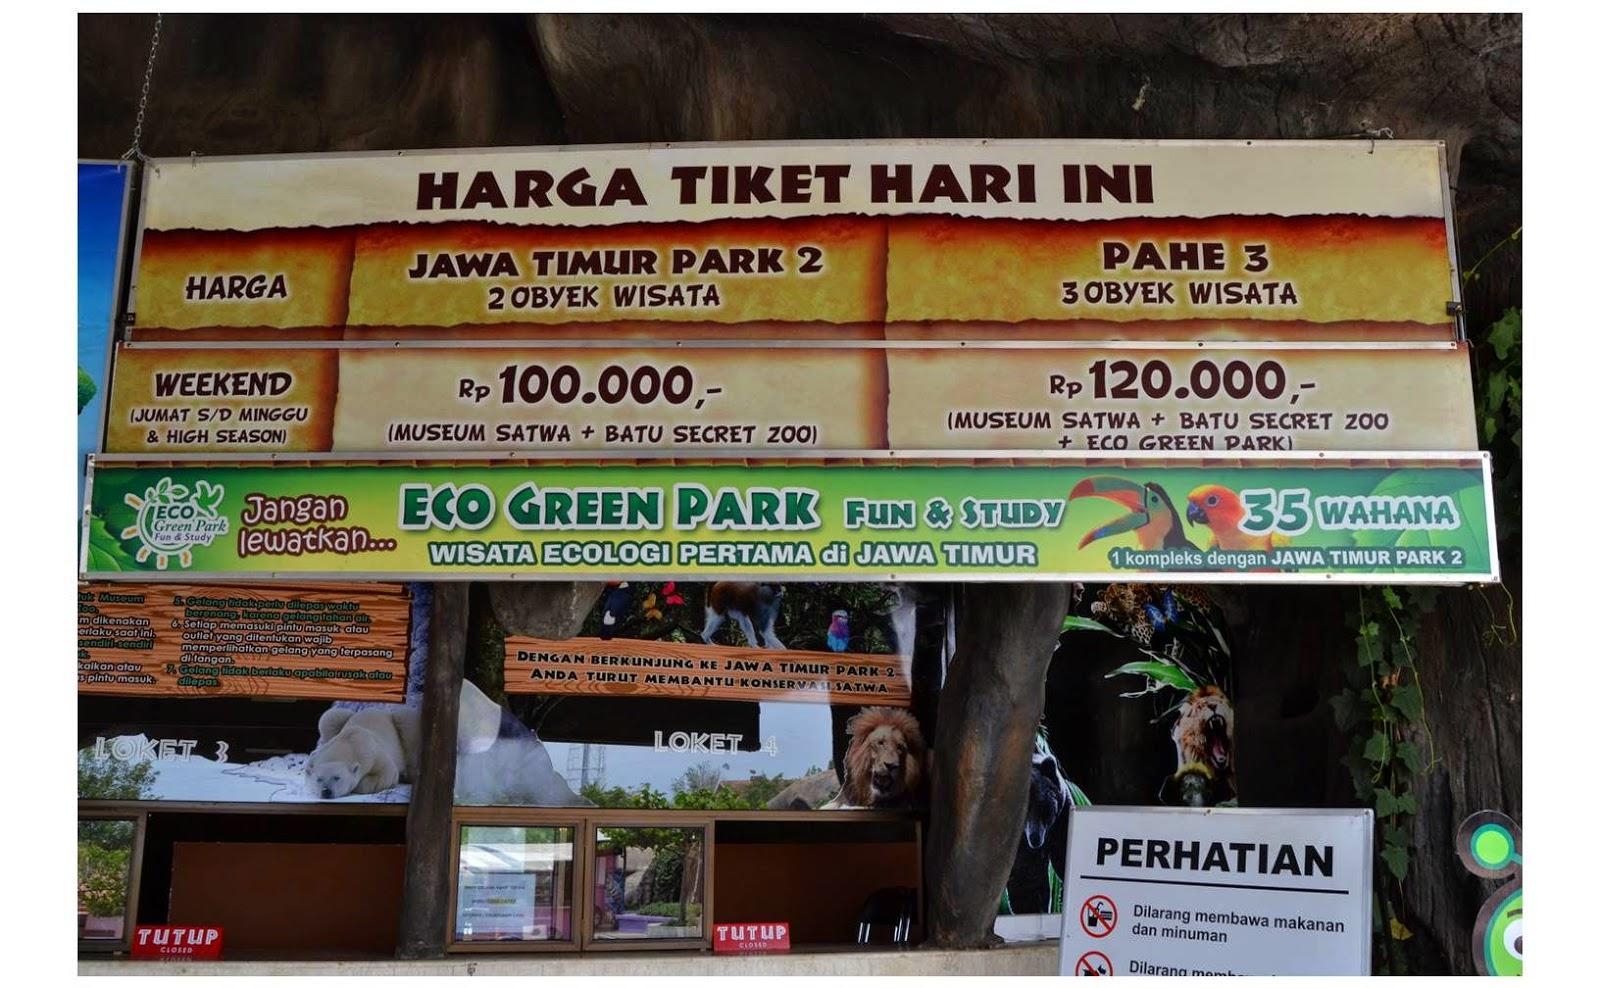 Nam Main Di Batu Secret Zoo Jatim Park 2 One Of Indonesian